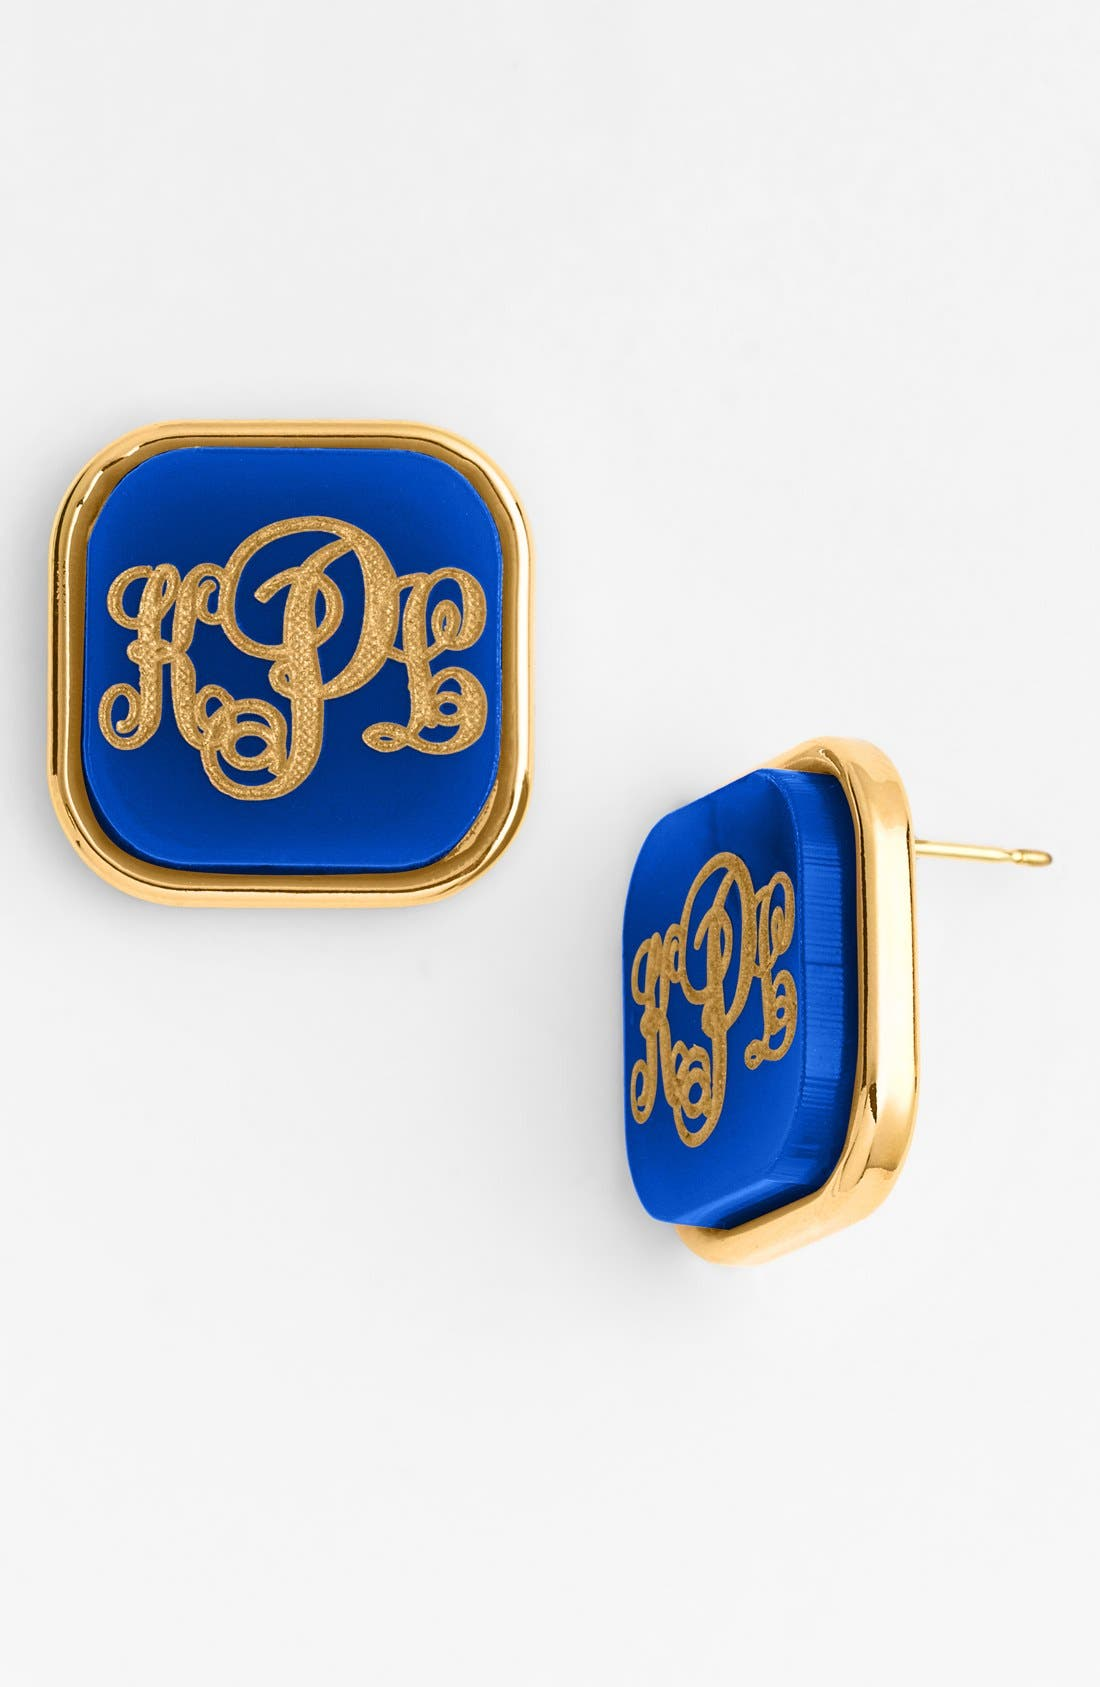 Moon and Lola 'Vineyard' Personalized Monogram Stud Earrings